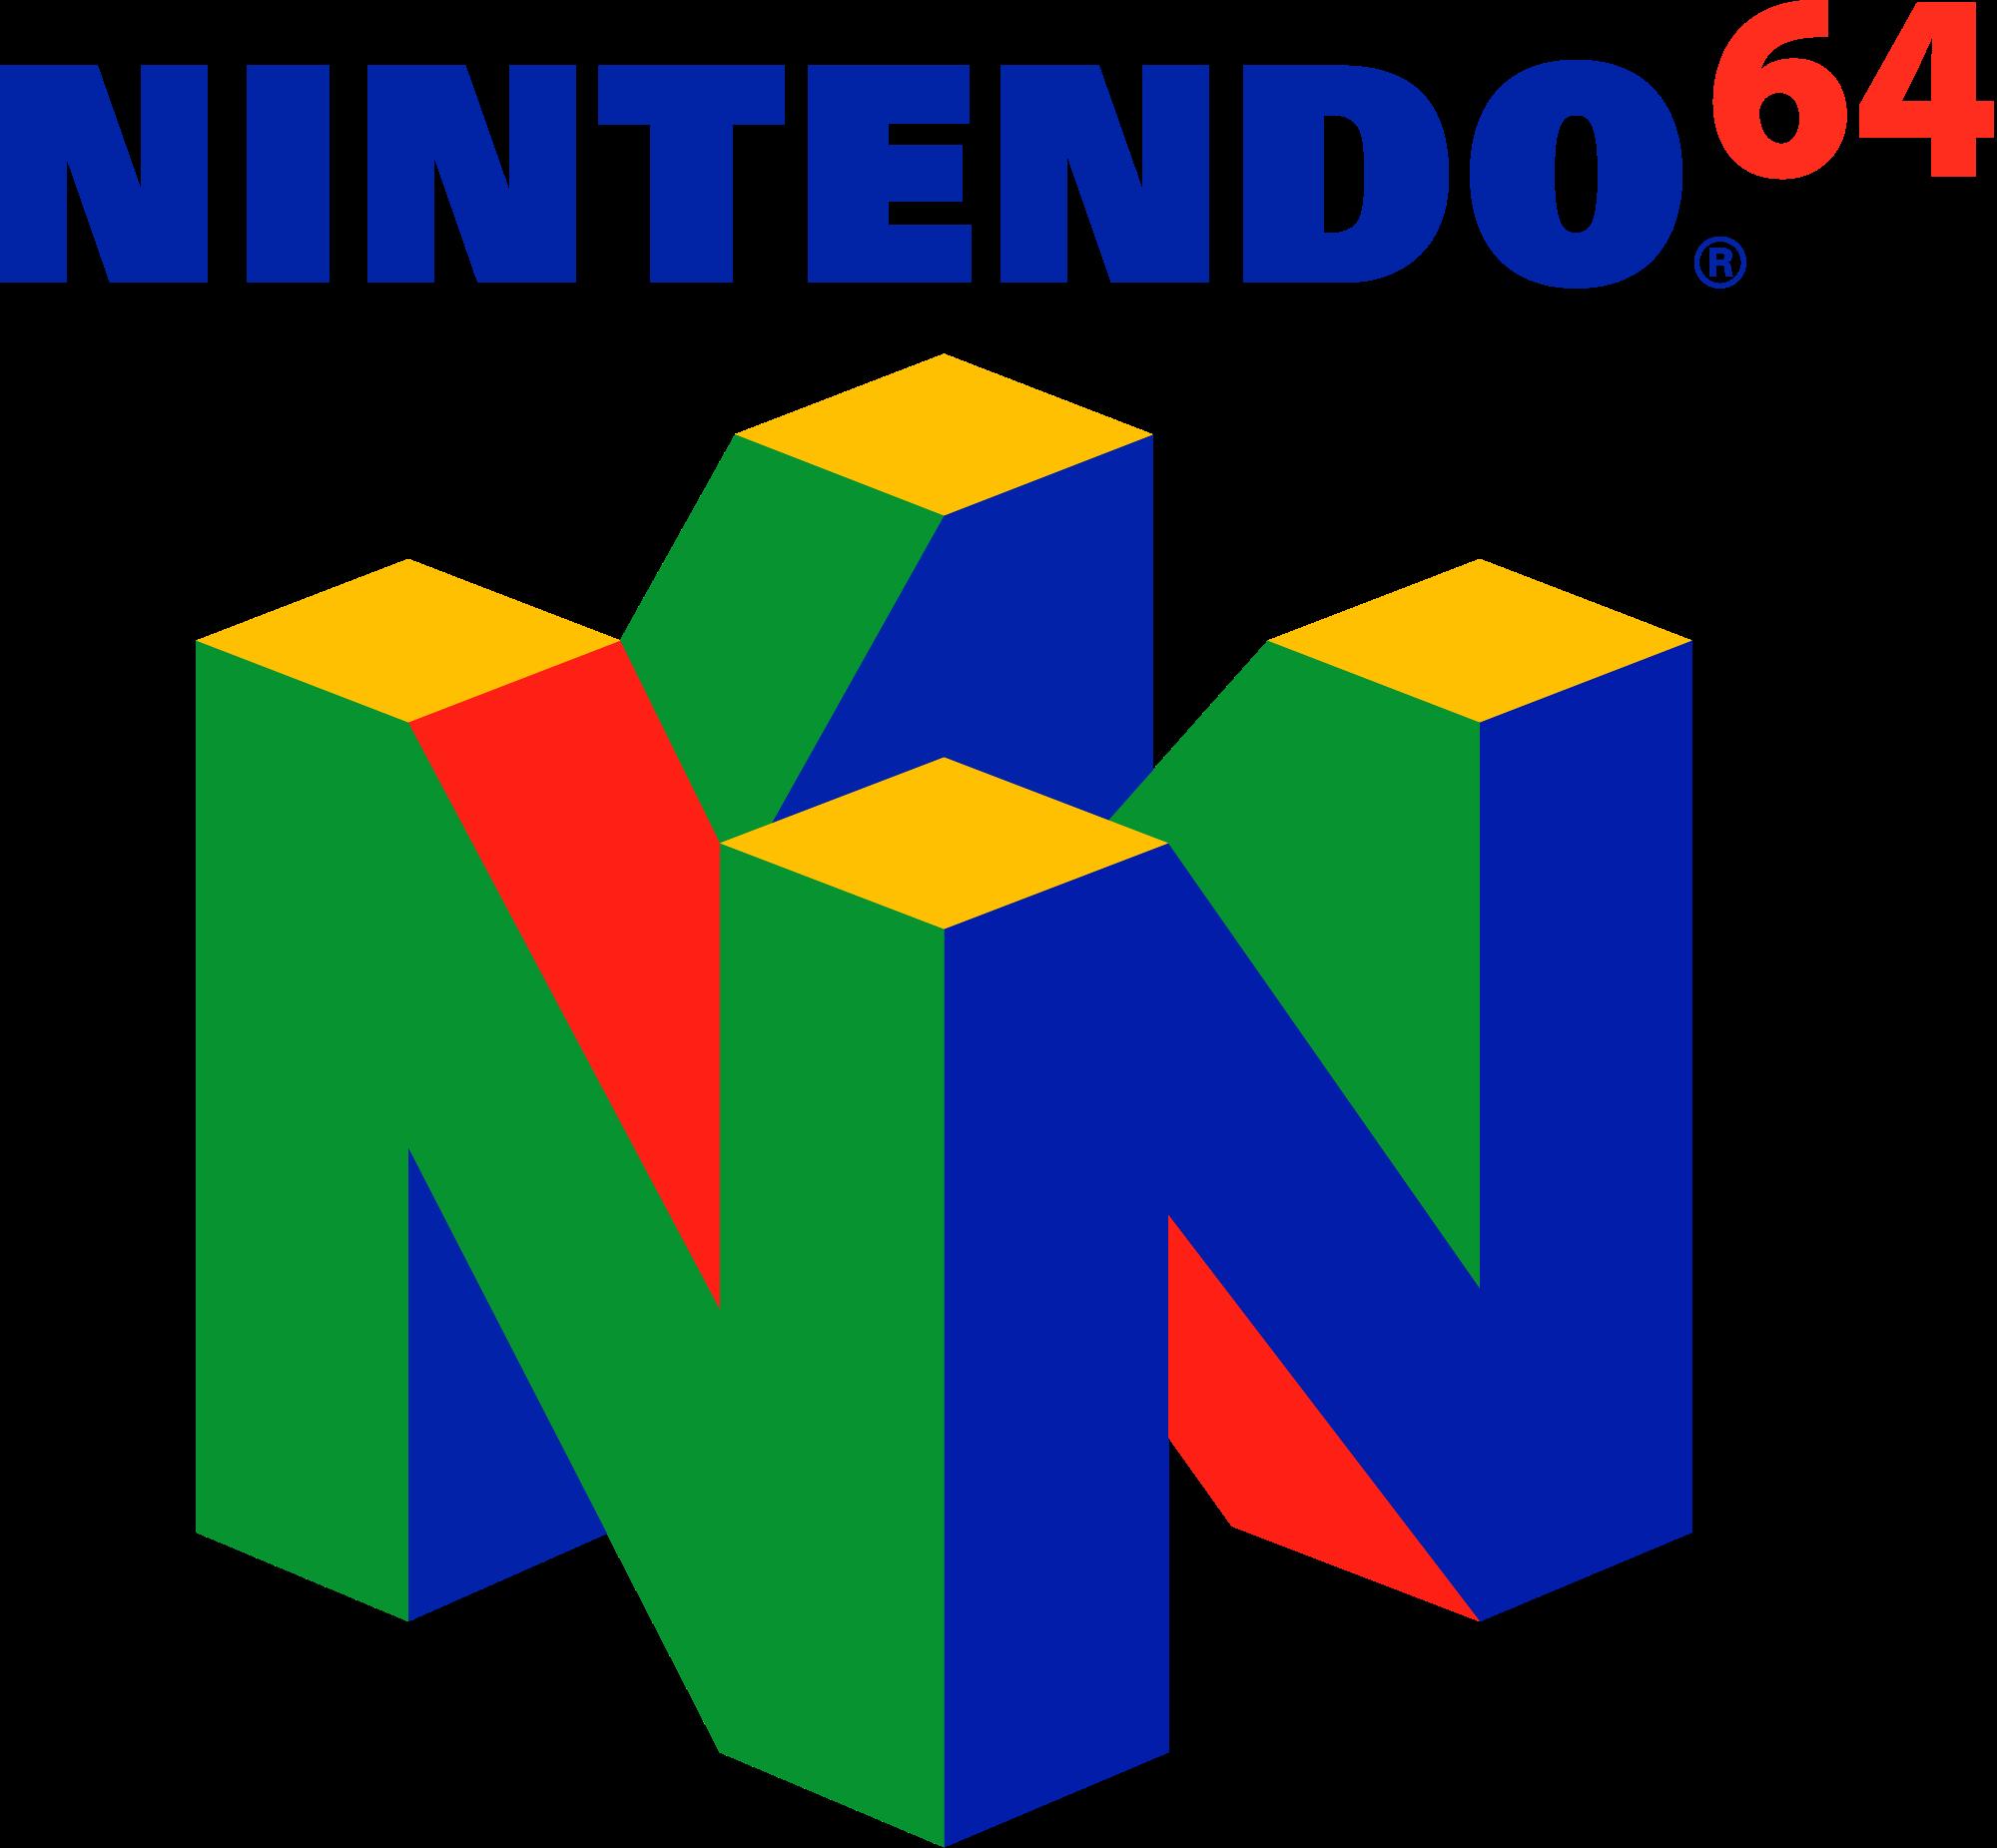 xbox nintendo 64: